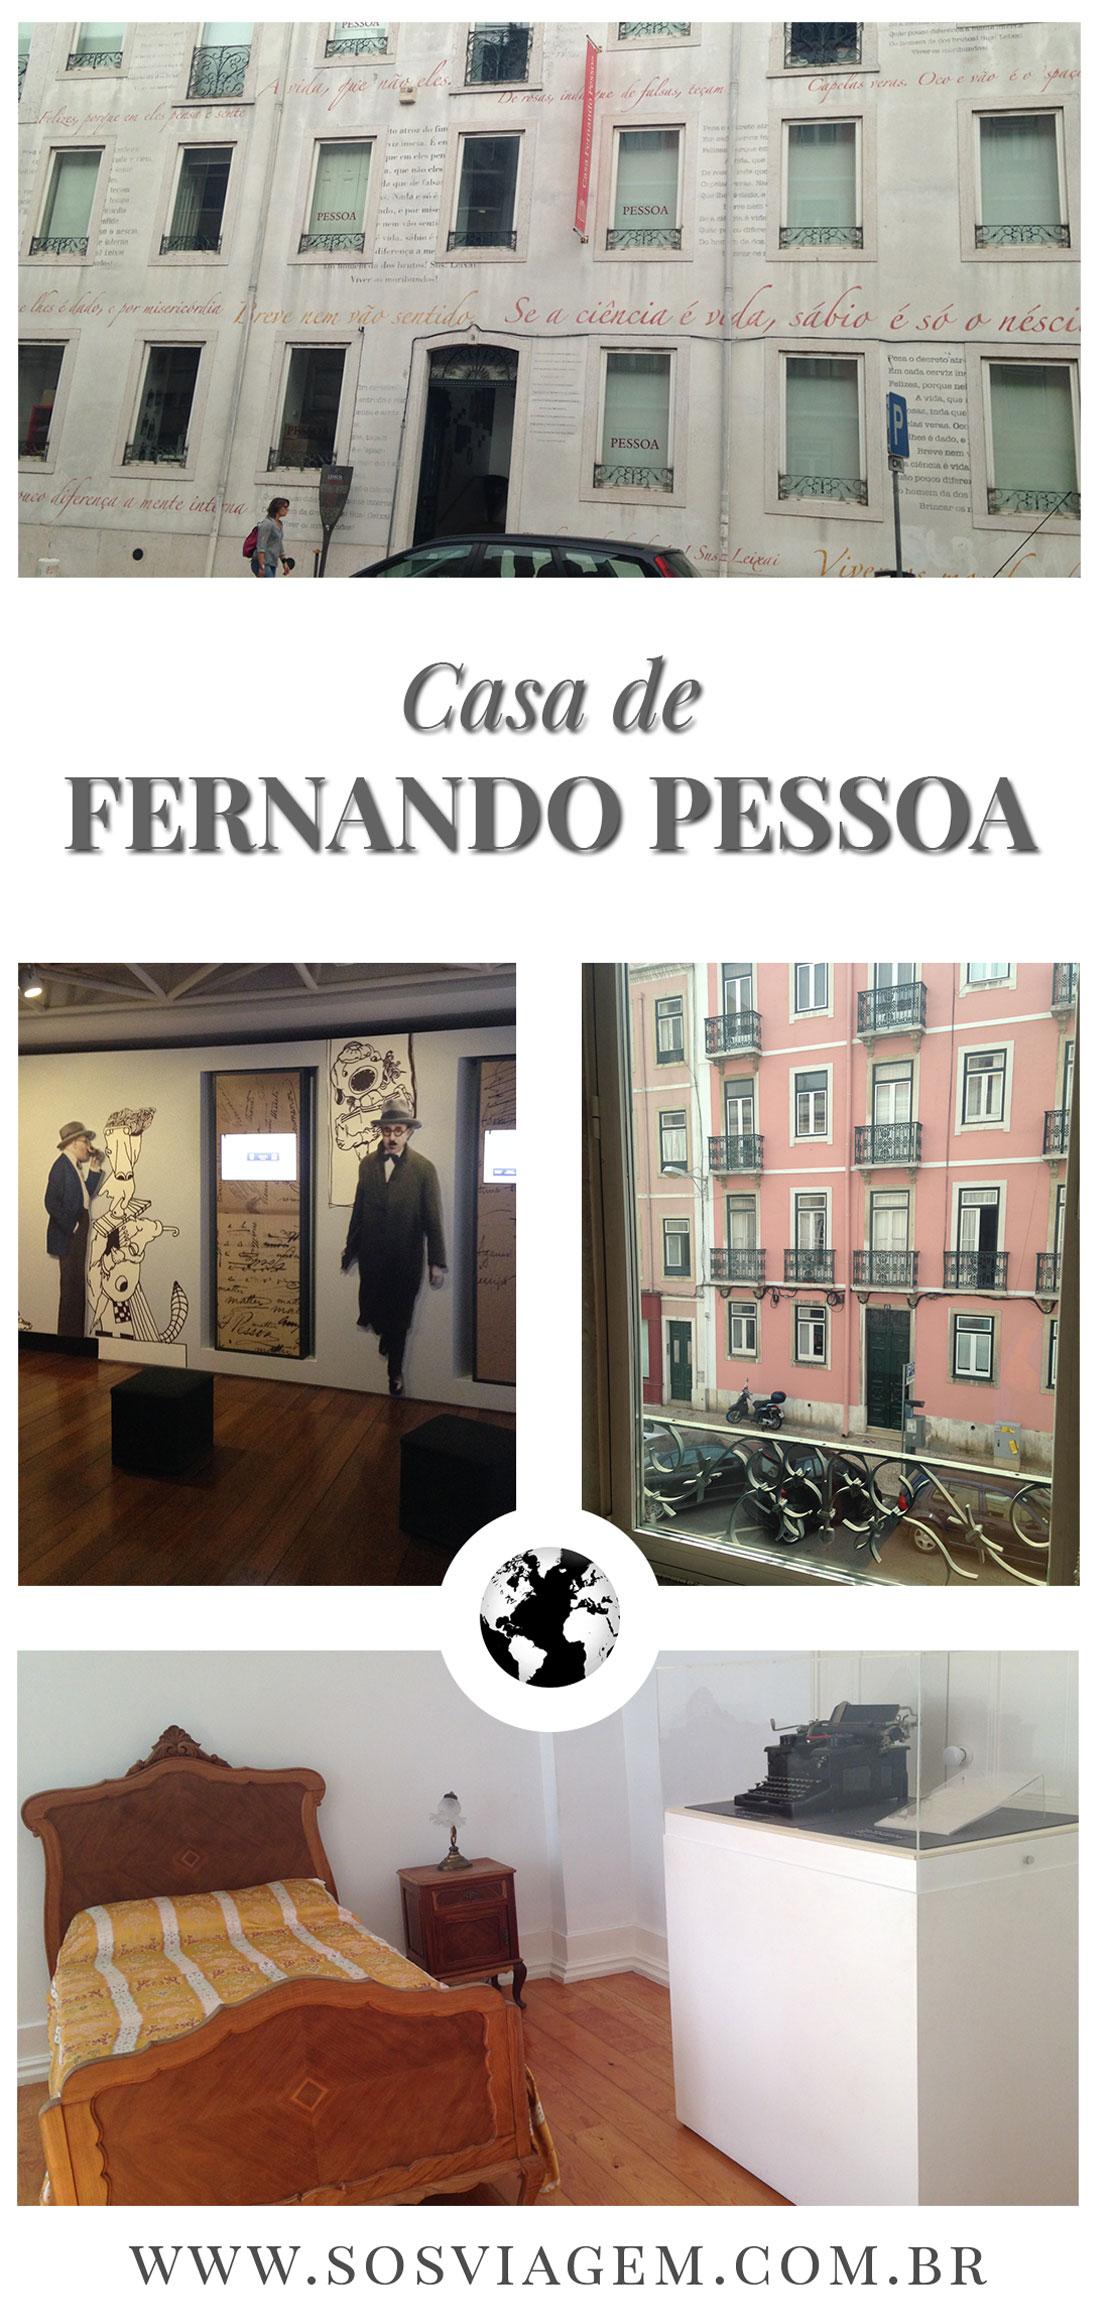 Casa de Fernando Pessoa.